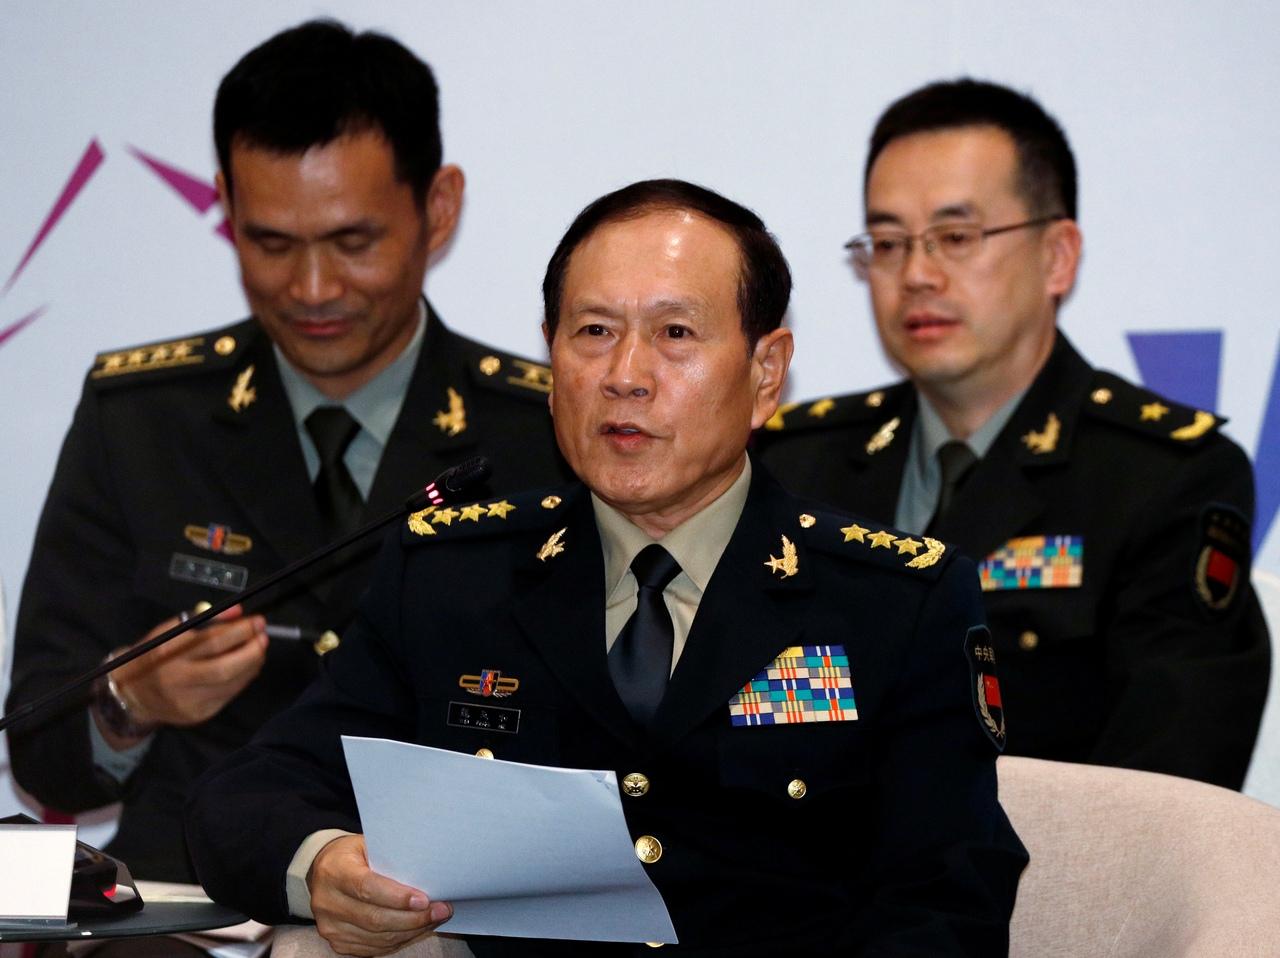 Министр обороны Китая прокомментировал обвинения США во «вмешательстве»